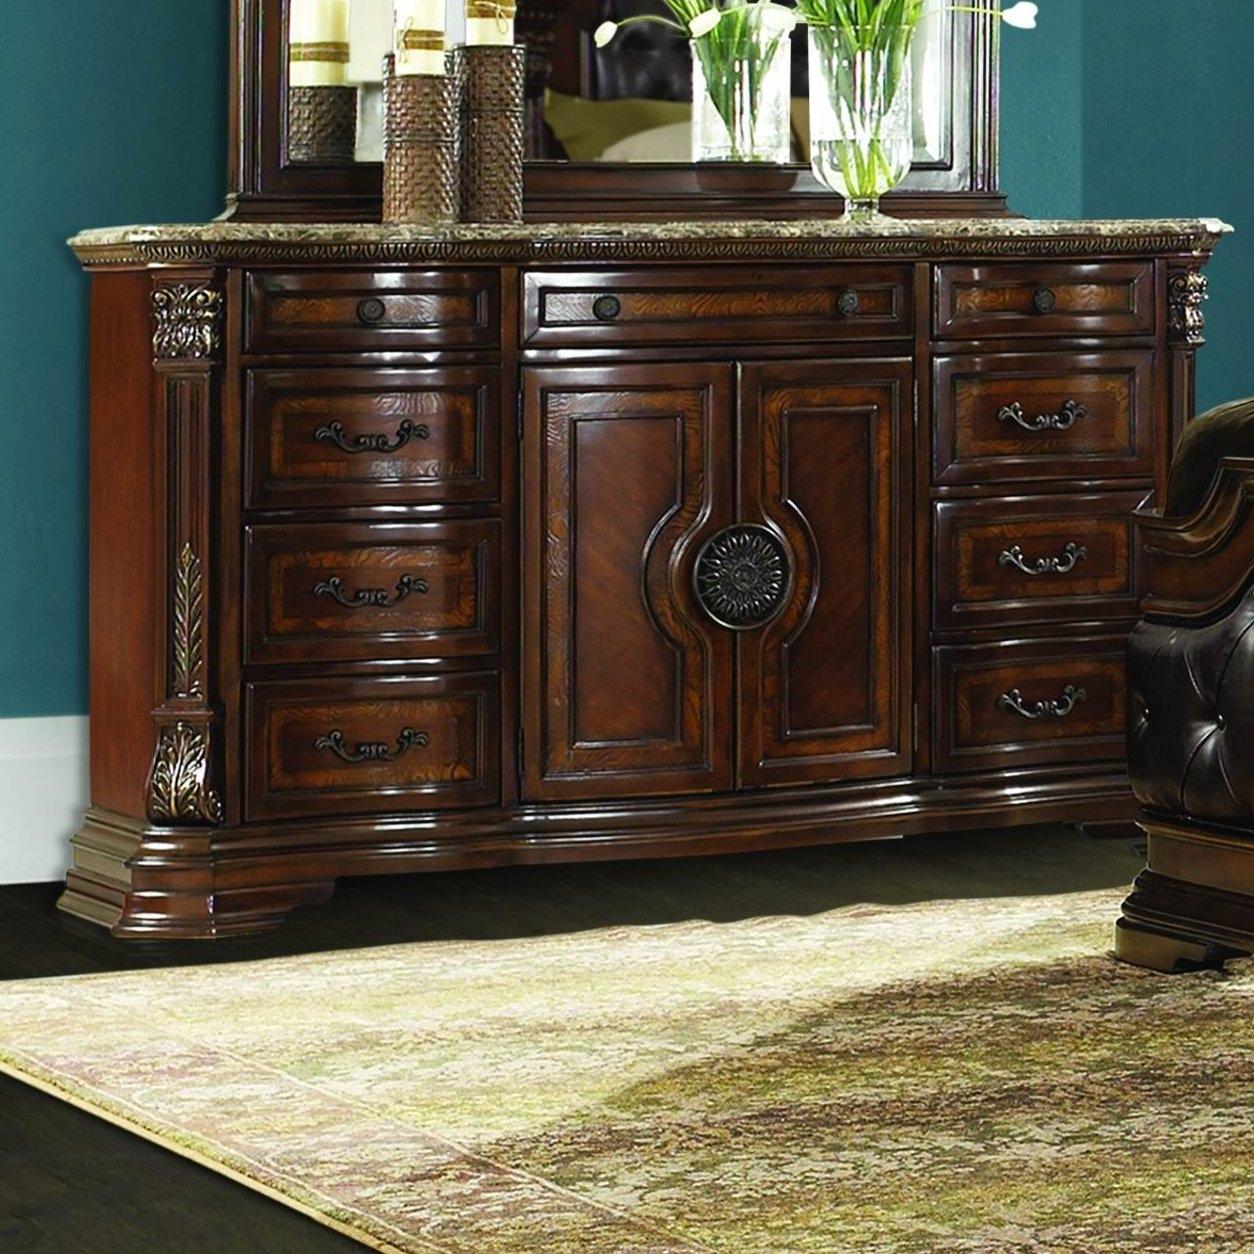 Homelegance Antoinetta 10 Drawer Combo Dresser | Wayfair in Bale Rustic Grey Sideboards (Image 15 of 30)